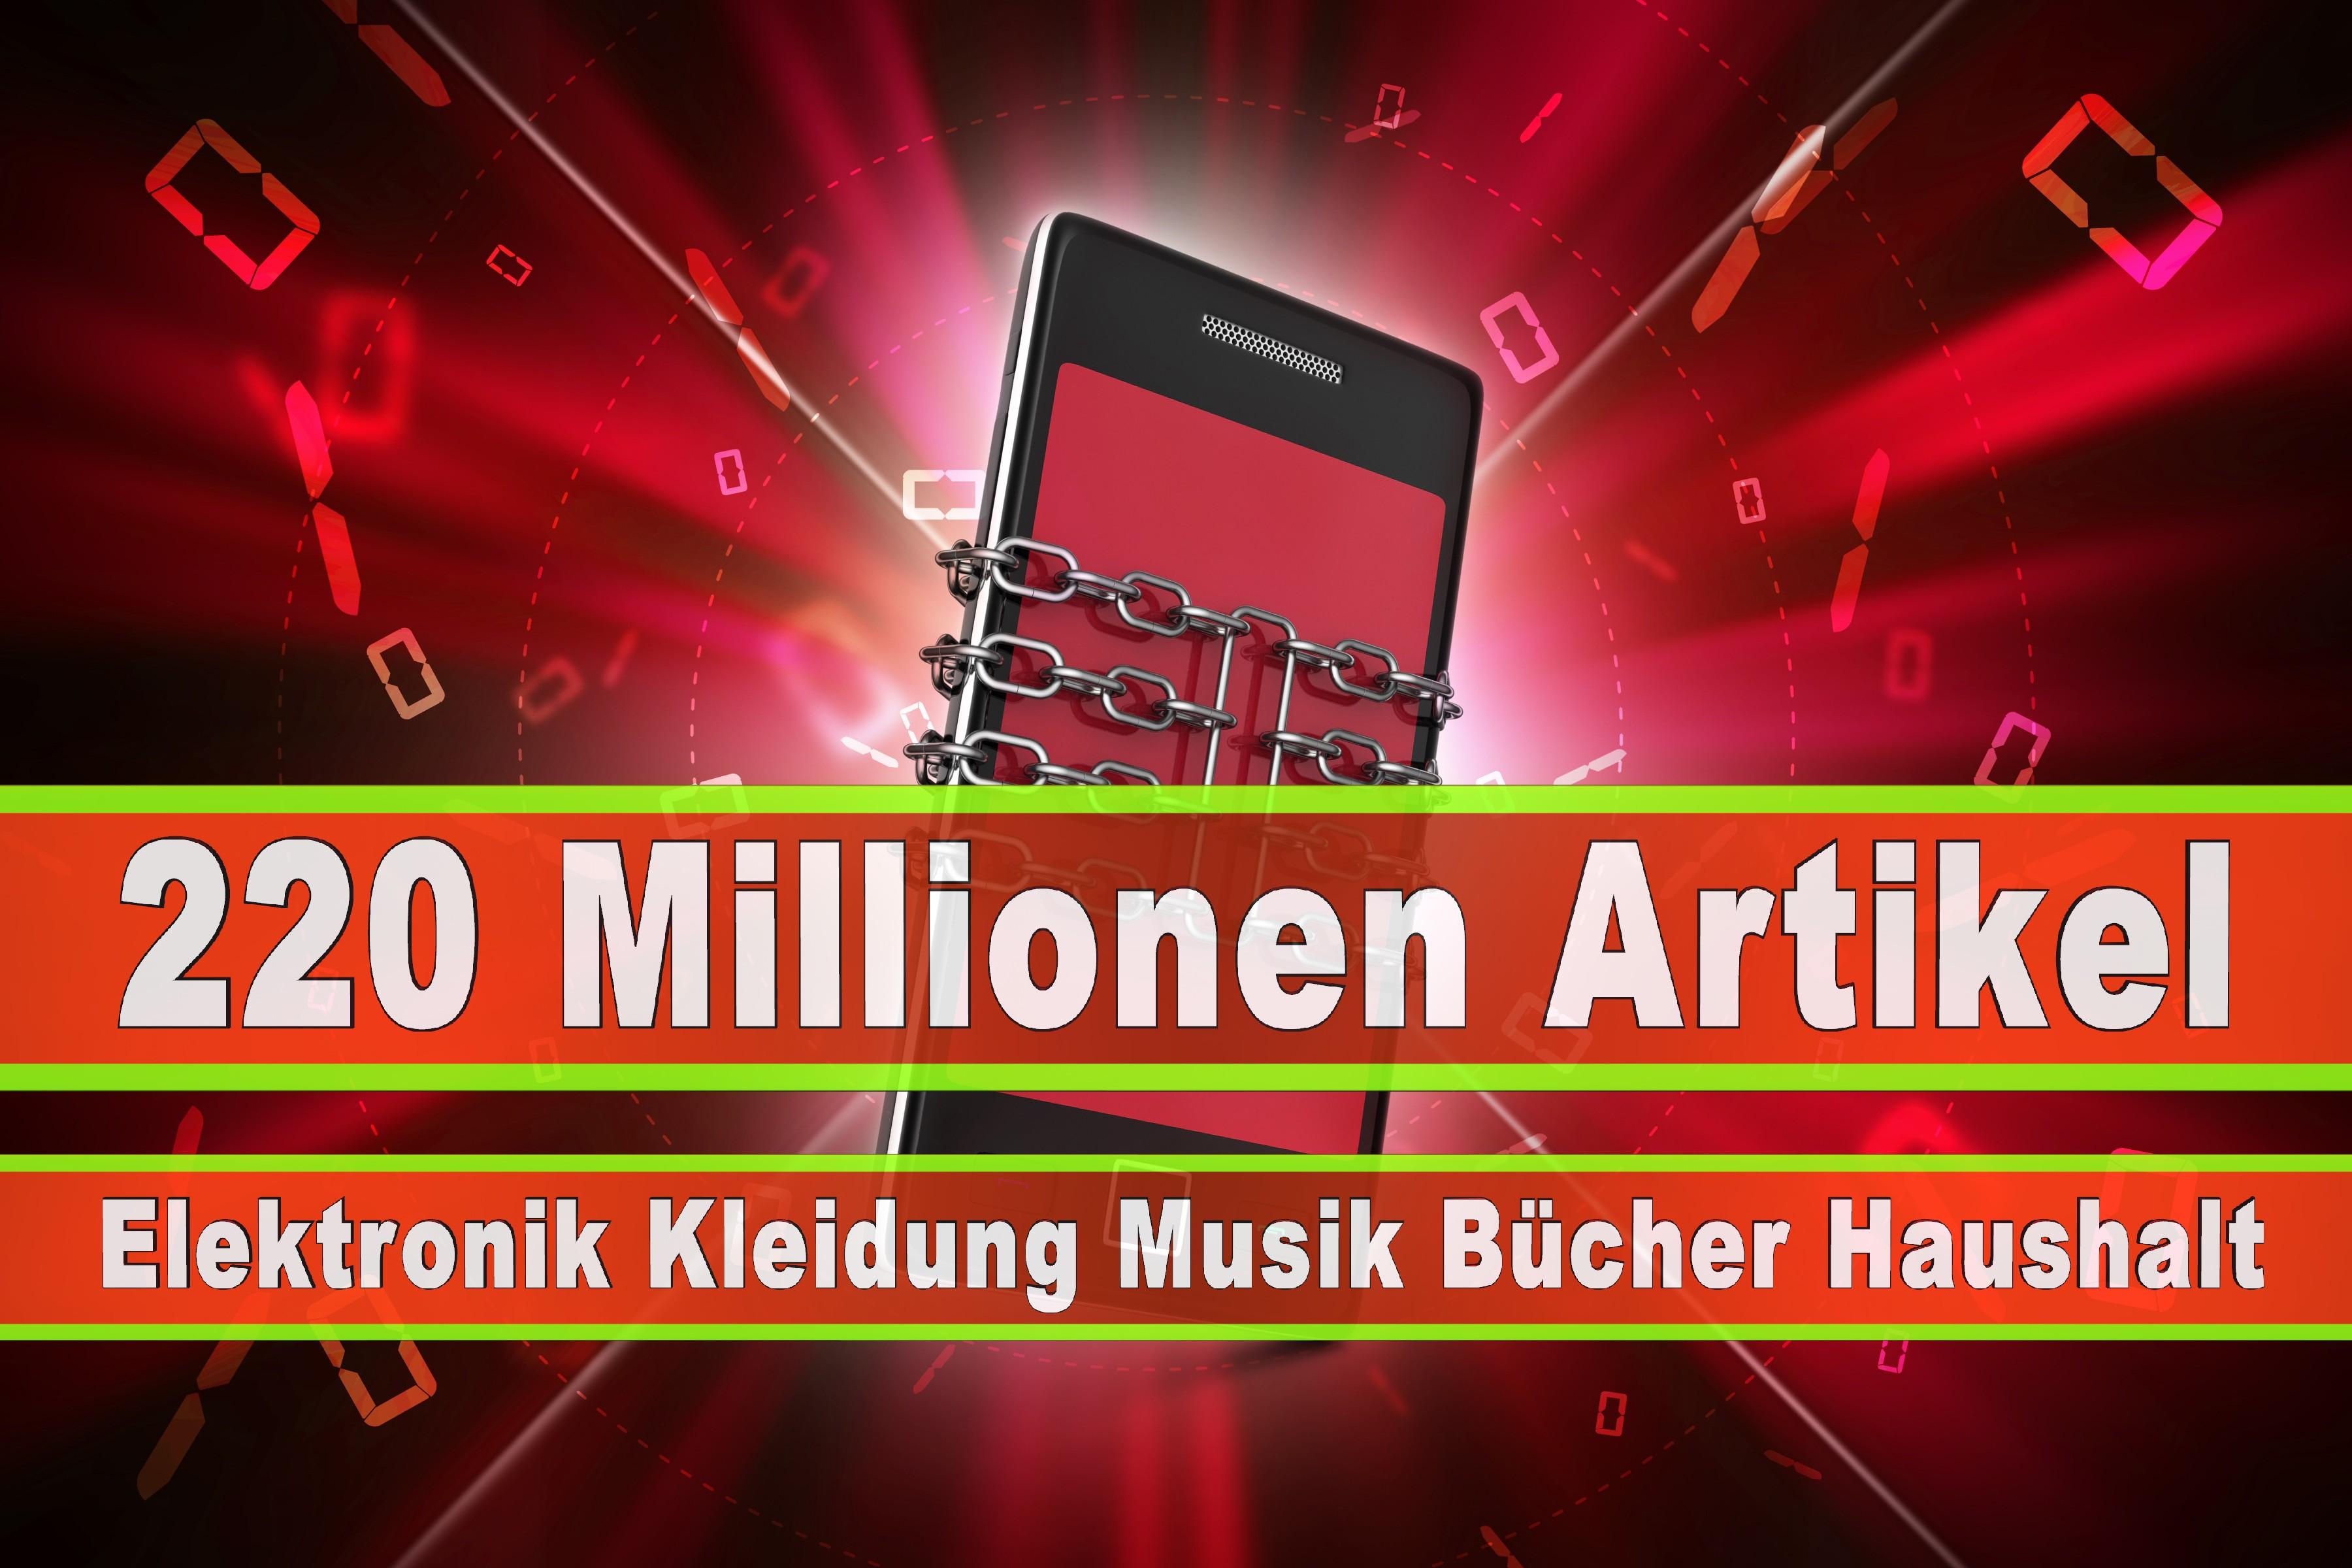 Amazon Elektronik Musik Haushalt Bücher CD DVD Handys Smartphones TV Television Fernseher Kleidung Mode Ebay (29)